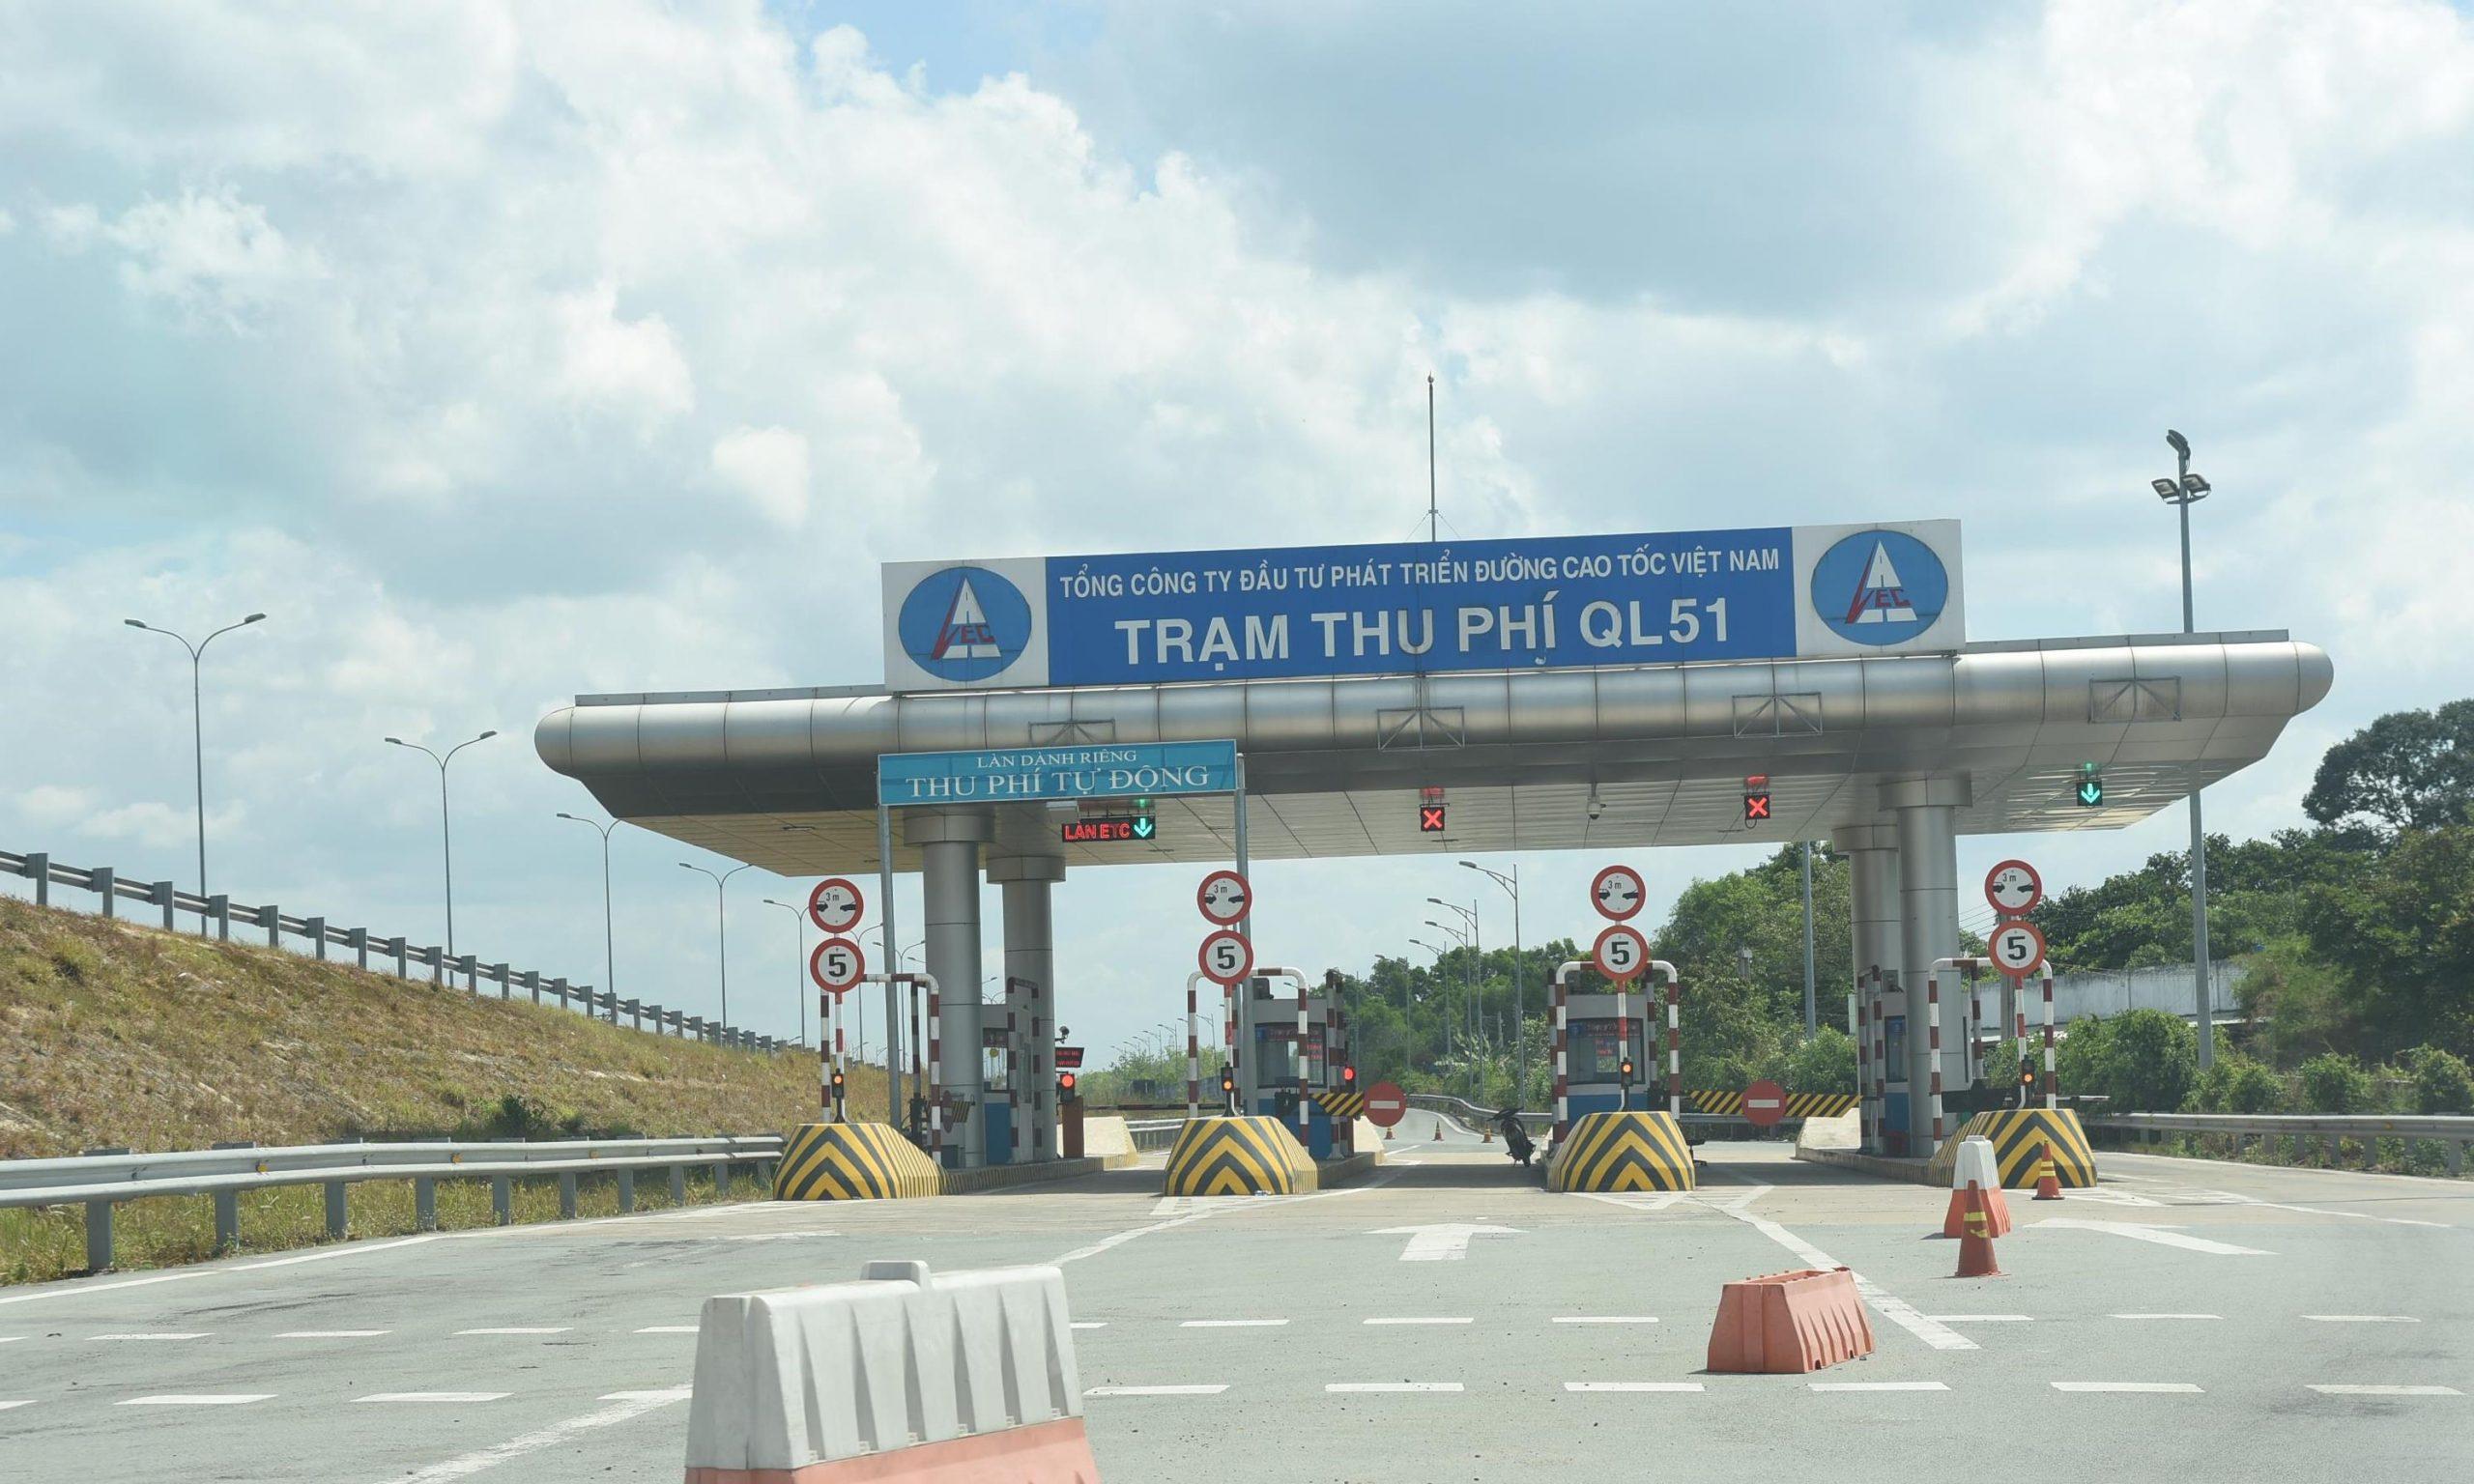 Đồng Nai: Kiến nghị mở rộng cao tốc TP.HCM - Long Thành - Dầu Giây lên 12 làn xe - Ảnh 2